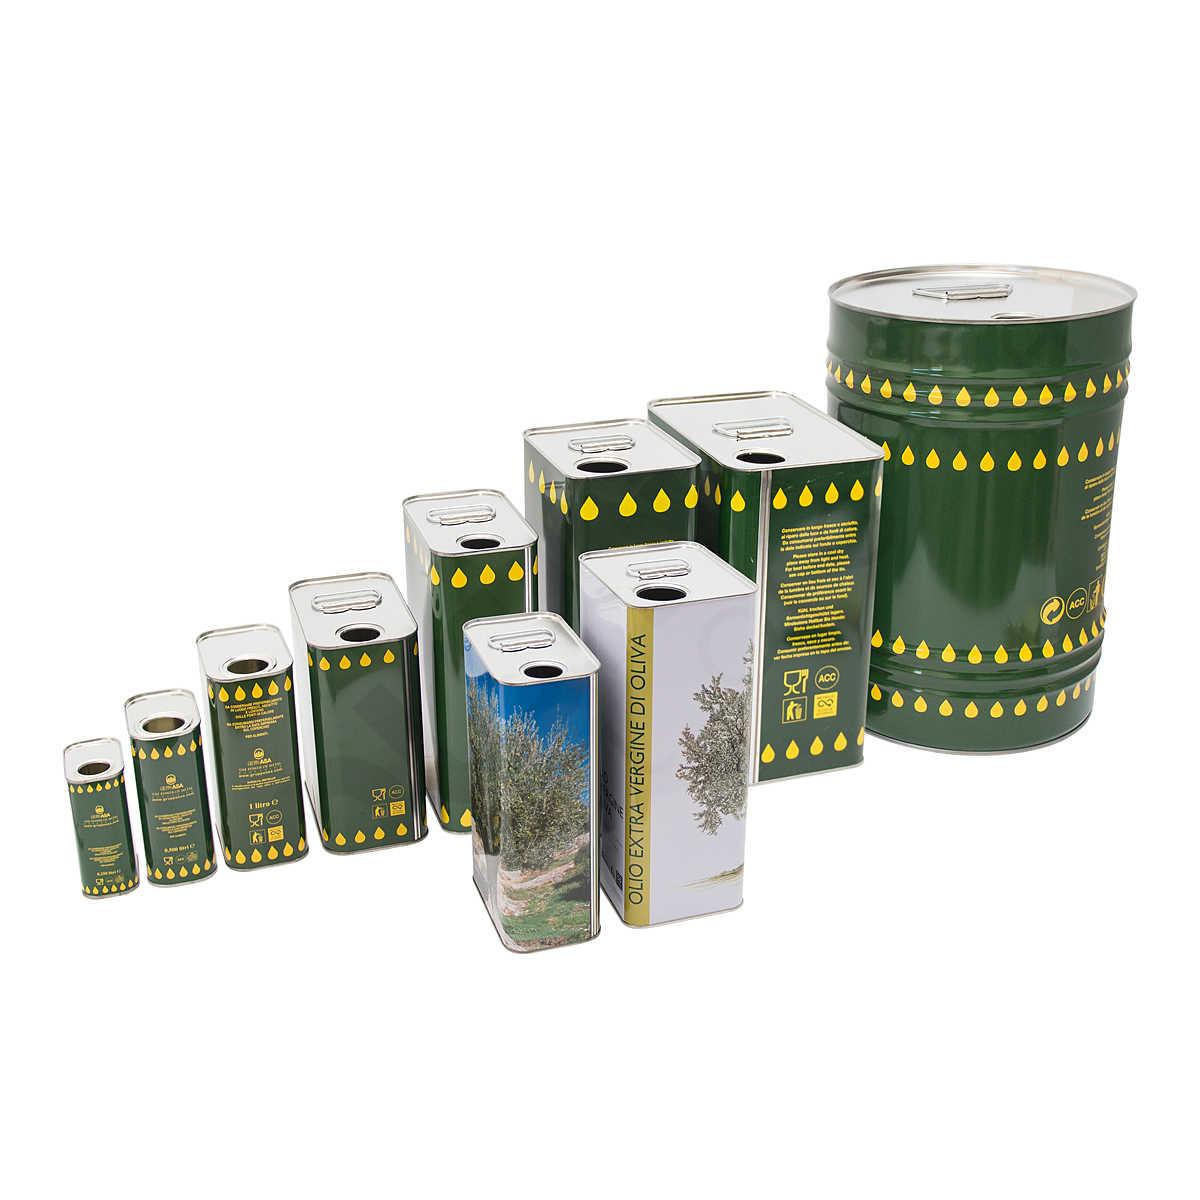 fabbrica codice promozionale scegli originale Lattina per olio 5 L (12 pz)